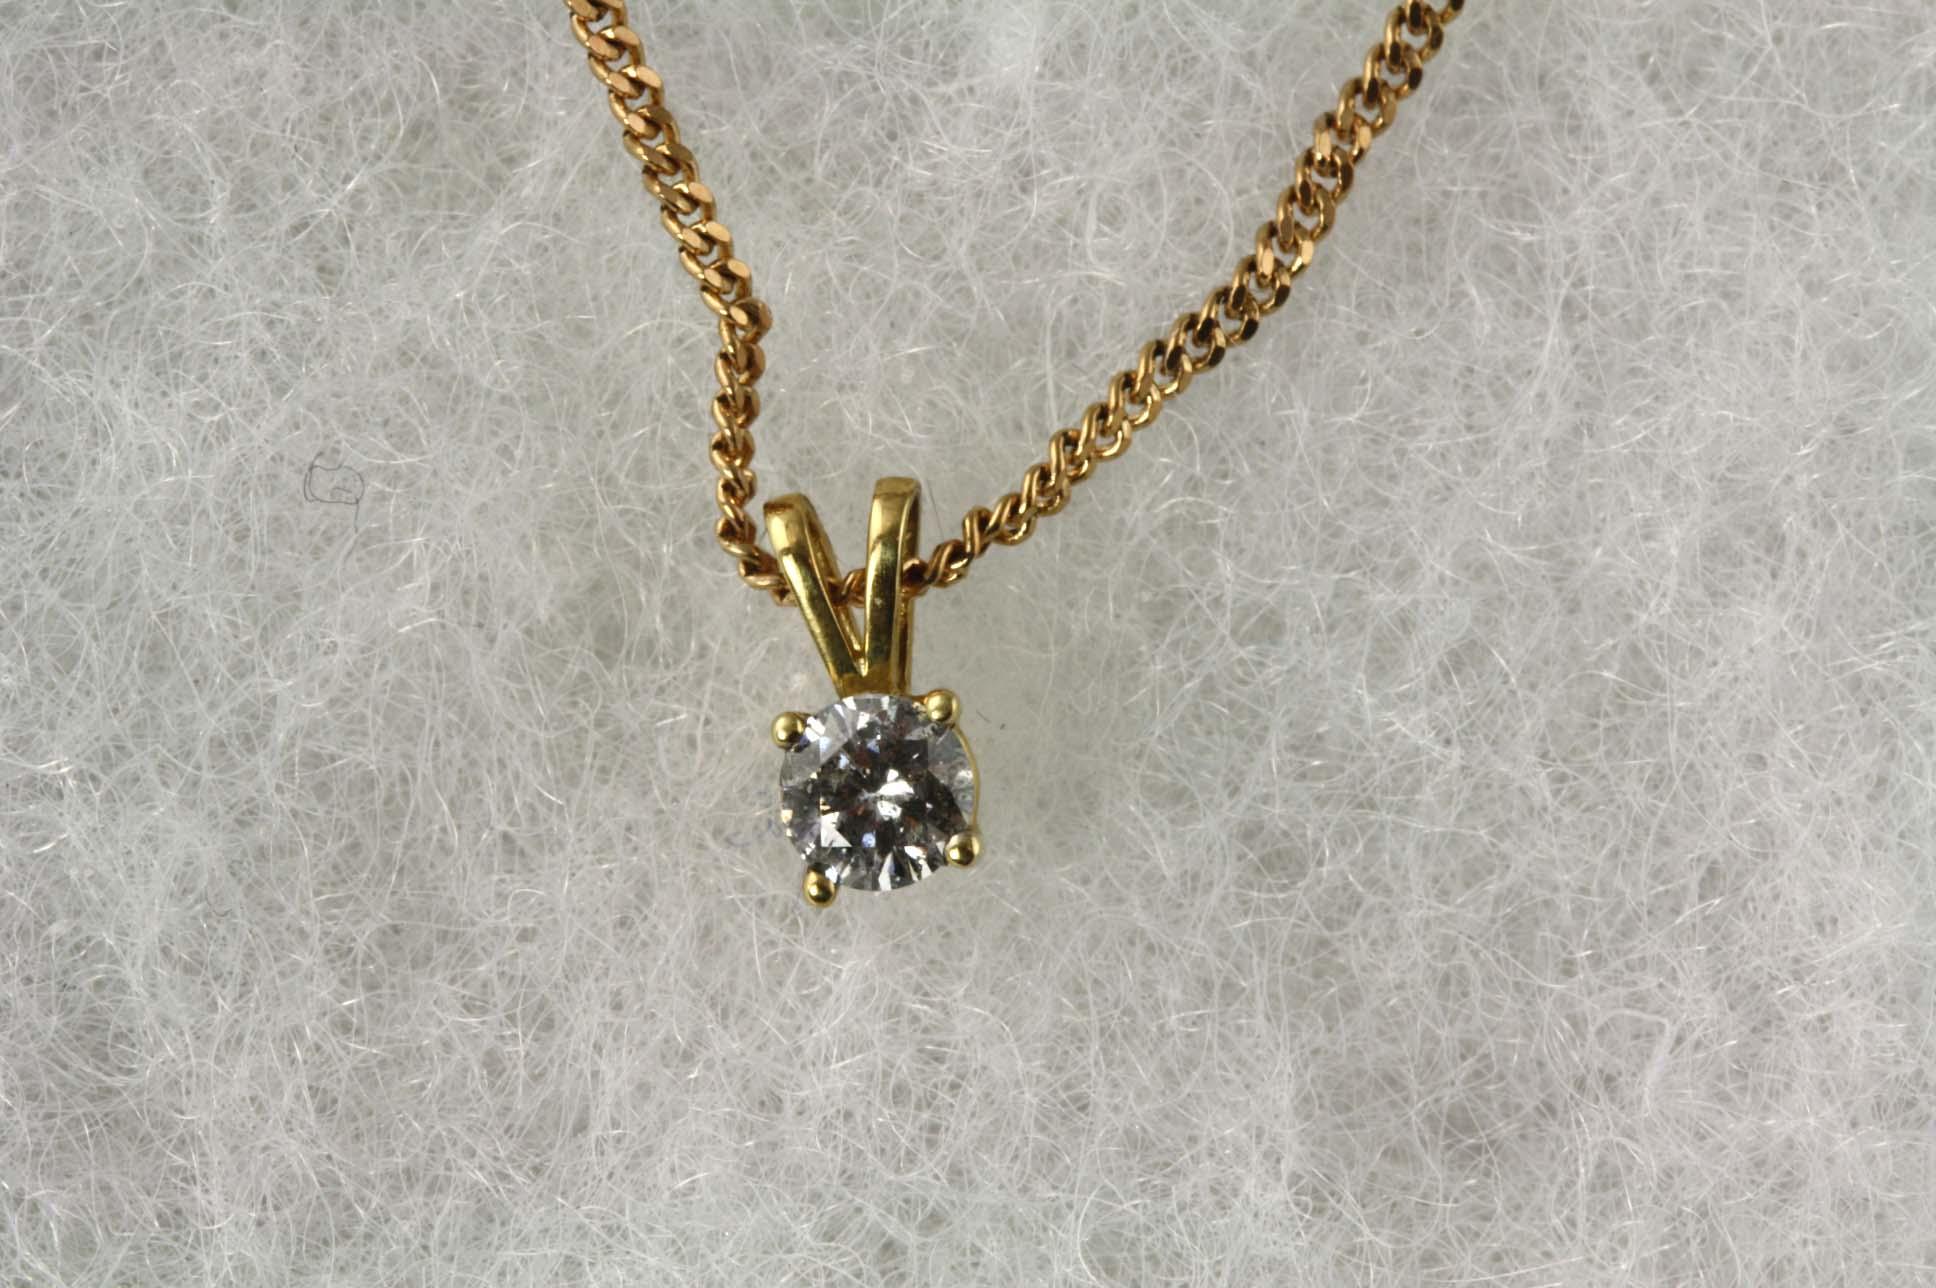 0.33ct Diamond & Chain